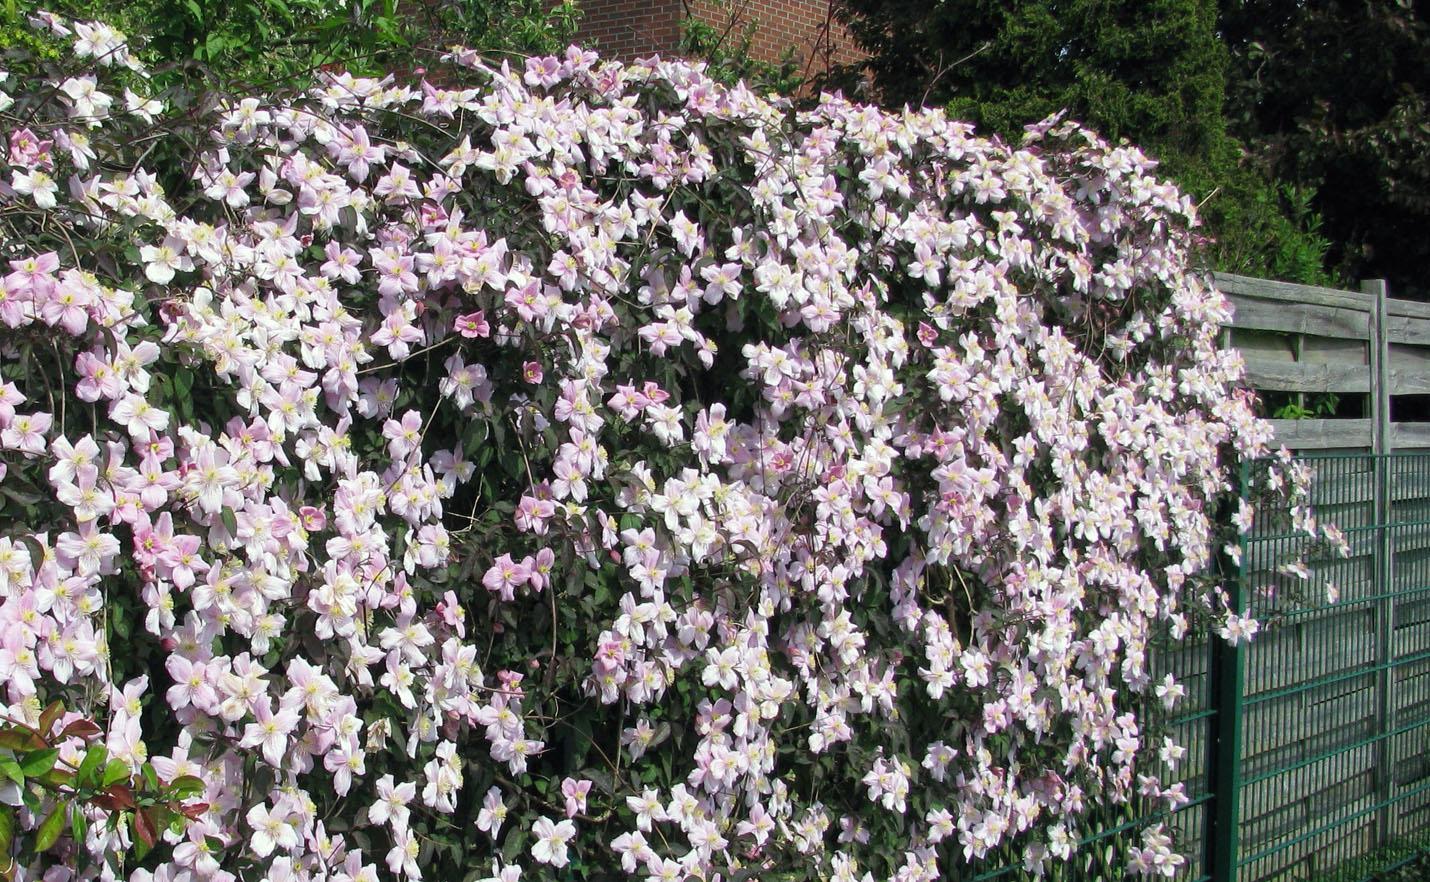 Gėlė raganė (vijoklis ant tvoros)